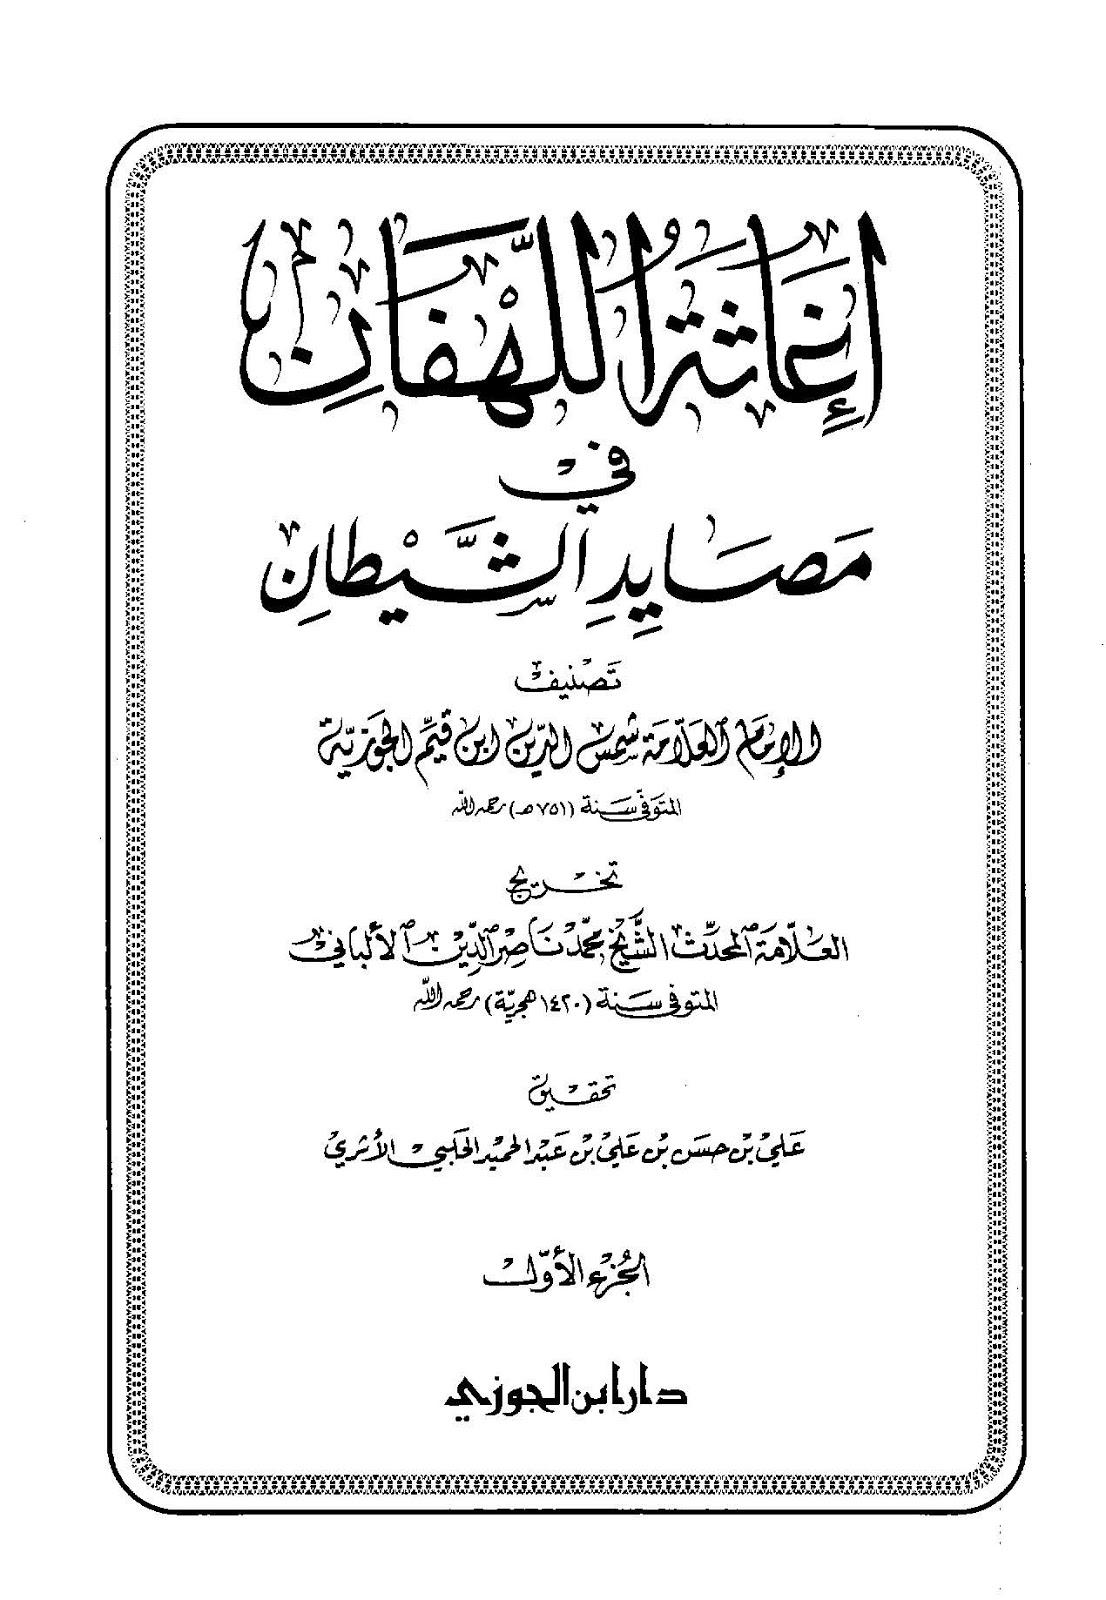 إغاثة اللهفان في مصايد الشيطان لابن القيم - تخريج الألباني pdf